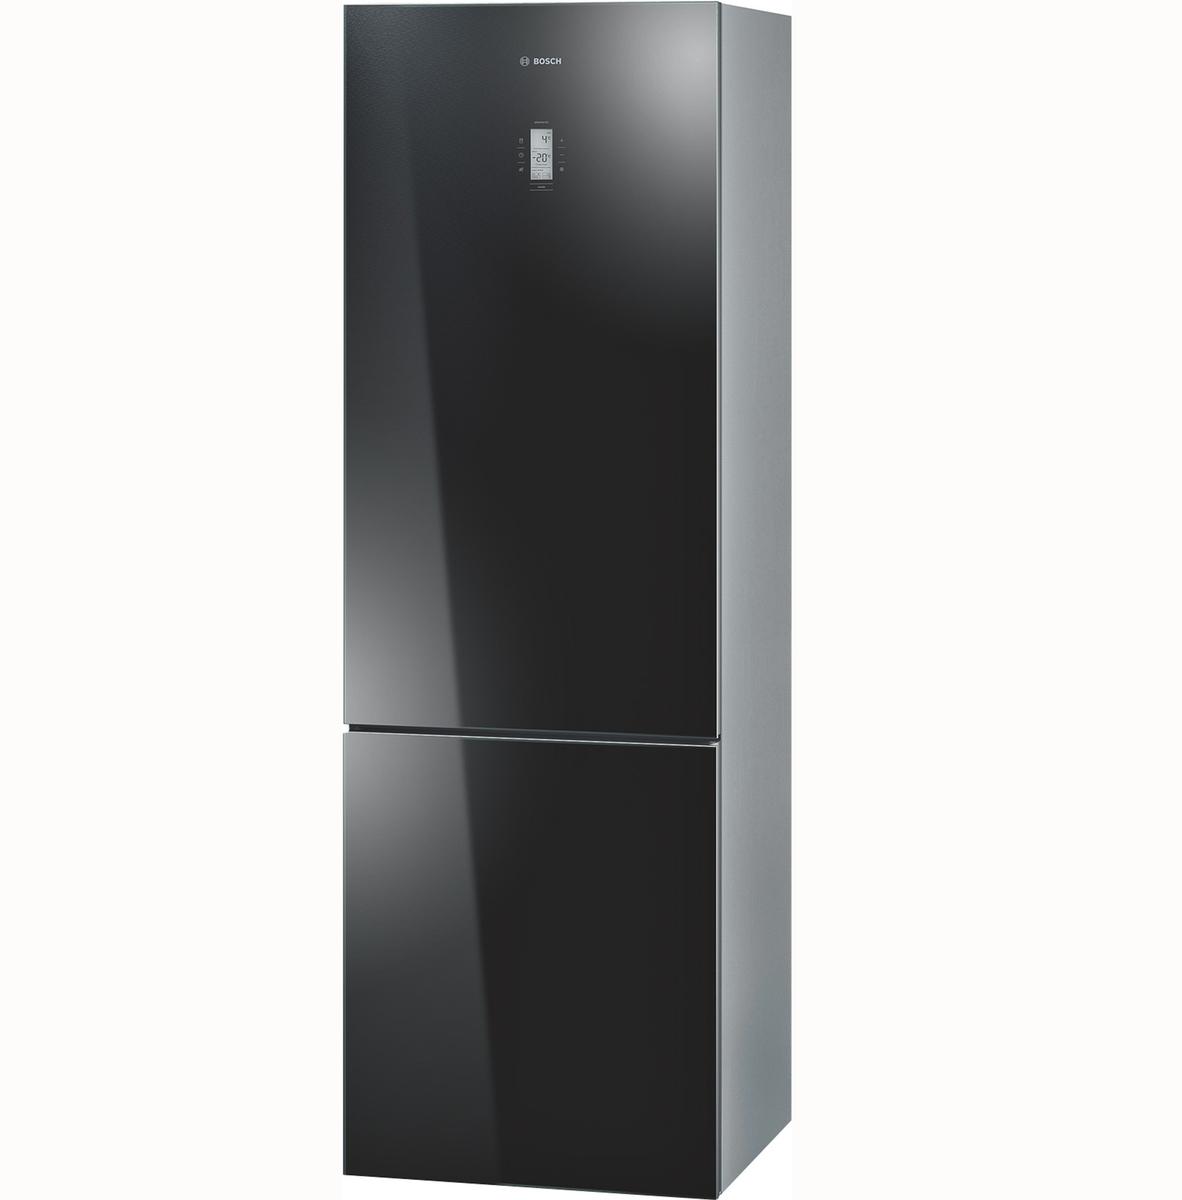 Tủ lạnh Bosch KGN36S51,Giá Tủ lạnh cao cấp Bosch